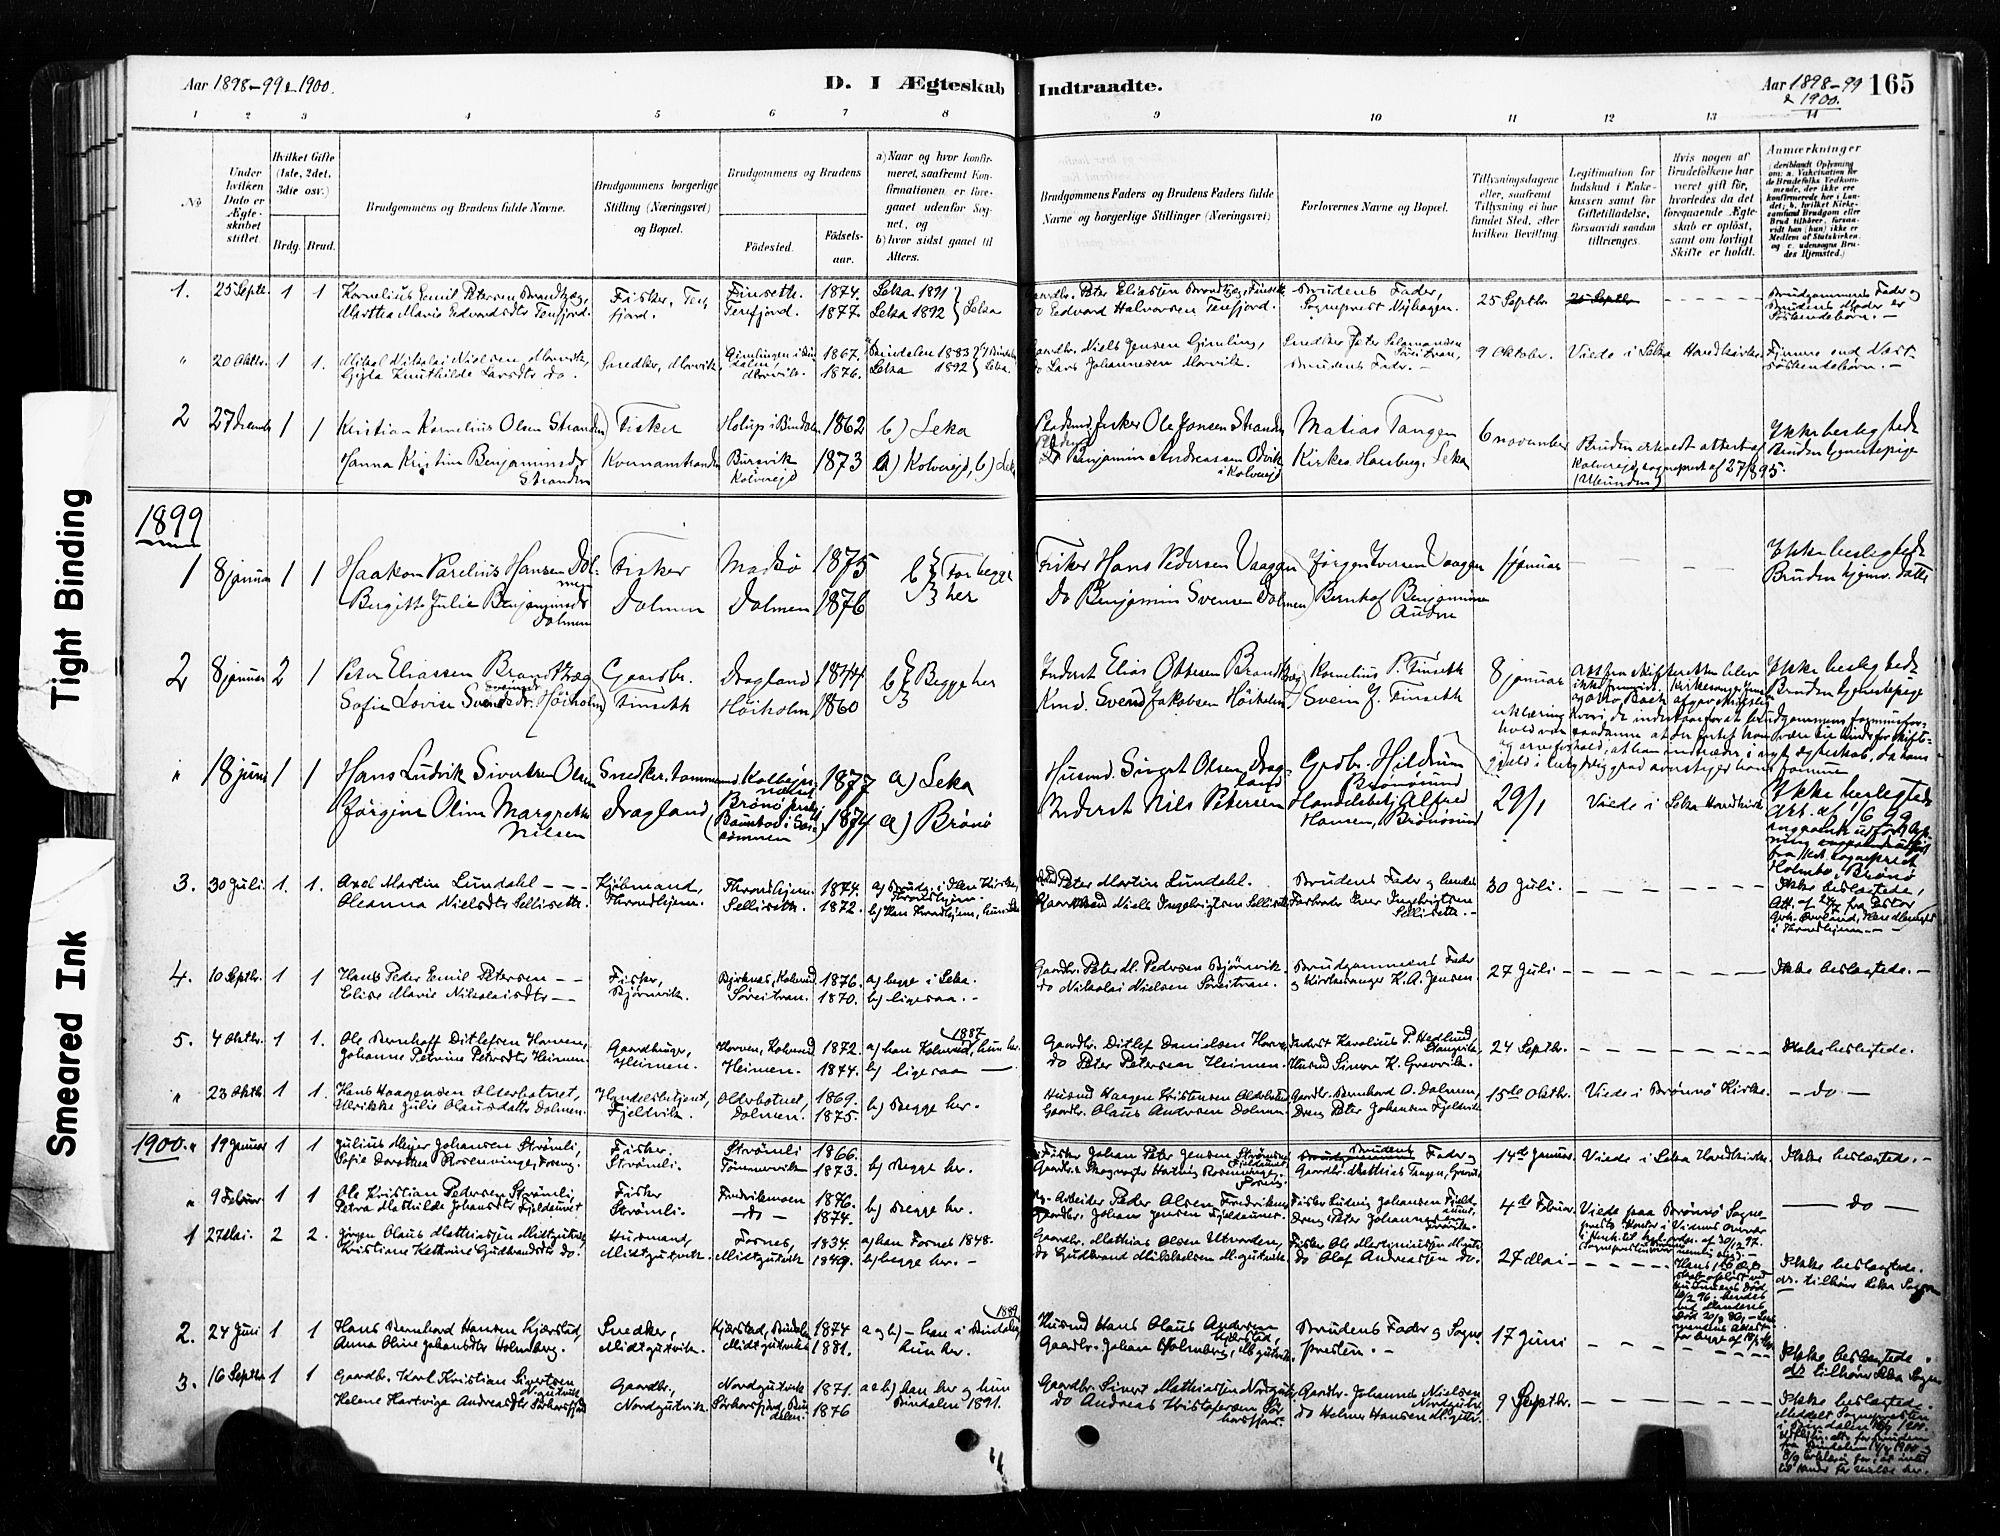 SAT, Ministerialprotokoller, klokkerbøker og fødselsregistre - Nord-Trøndelag, 789/L0705: Ministerialbok nr. 789A01, 1878-1910, s. 165